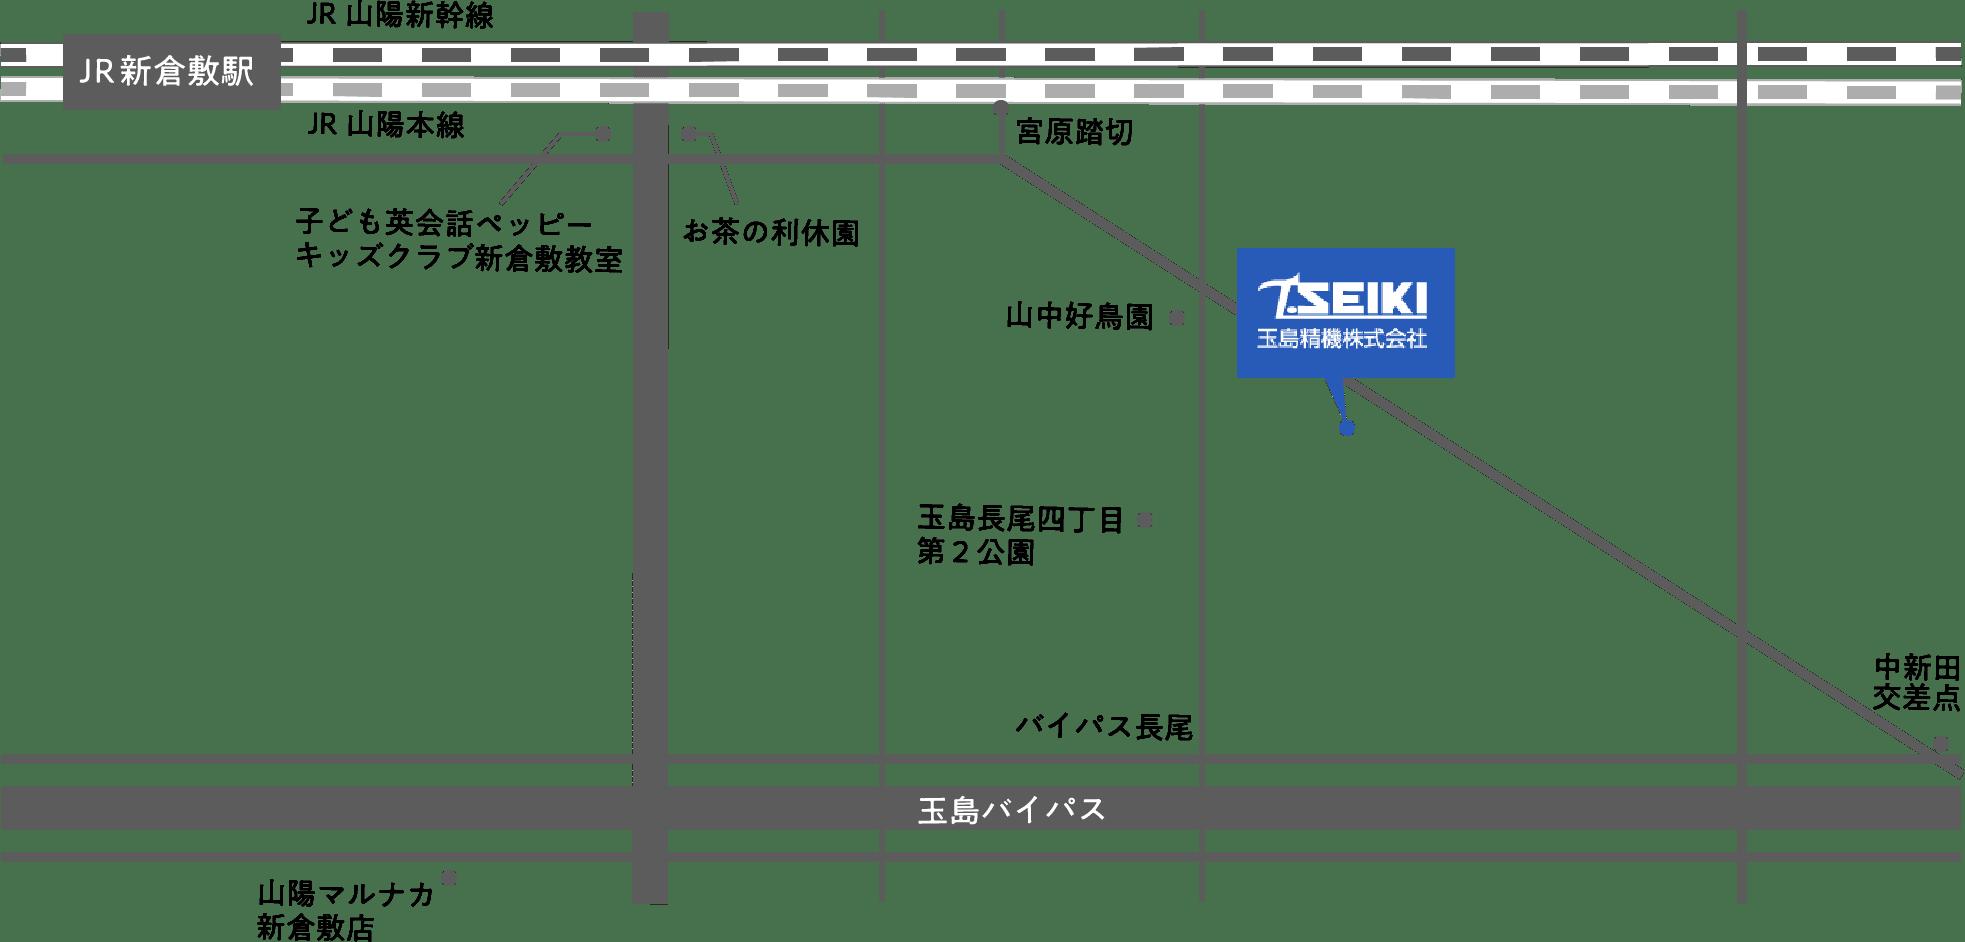 玉島精機株式会社